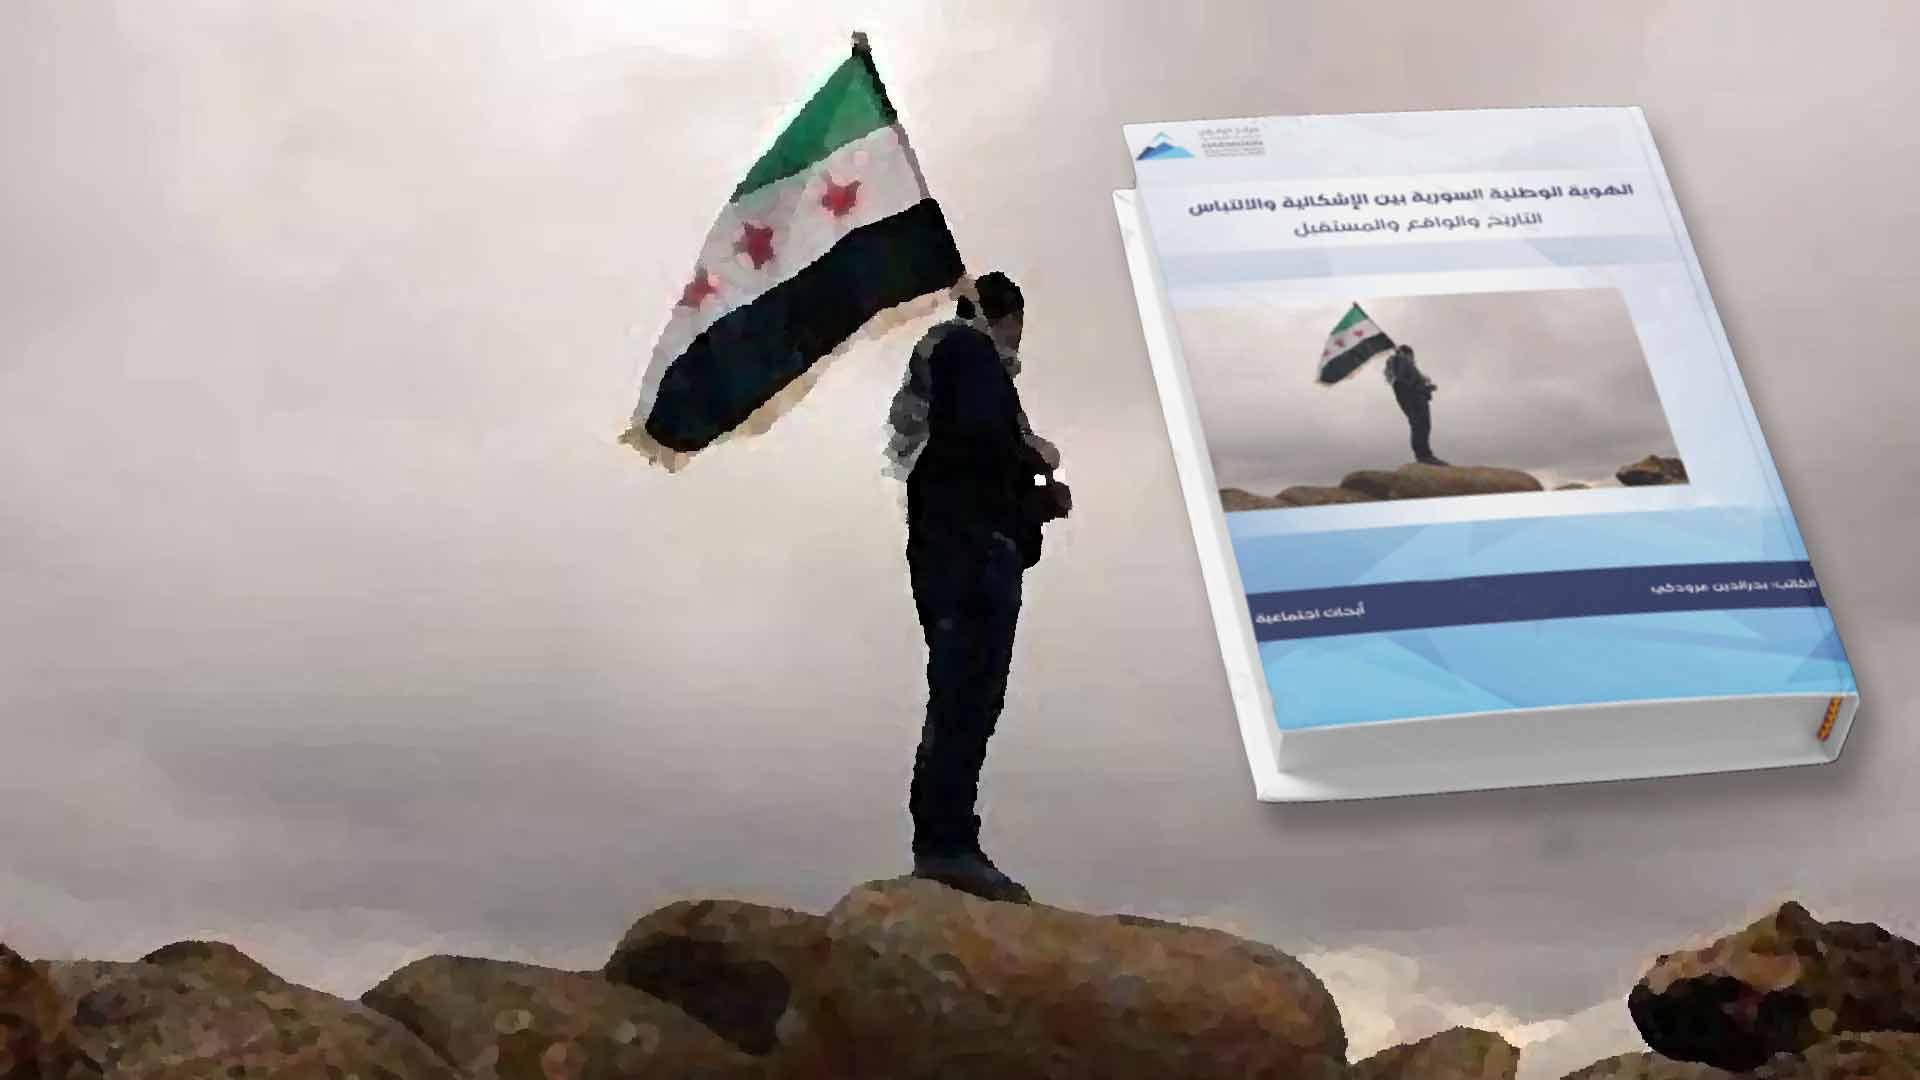 الهوية الوطنية (السورية) بين الوجود بالقوة والوجود بالفعل (حوار مع بدر الدين عرودكي)